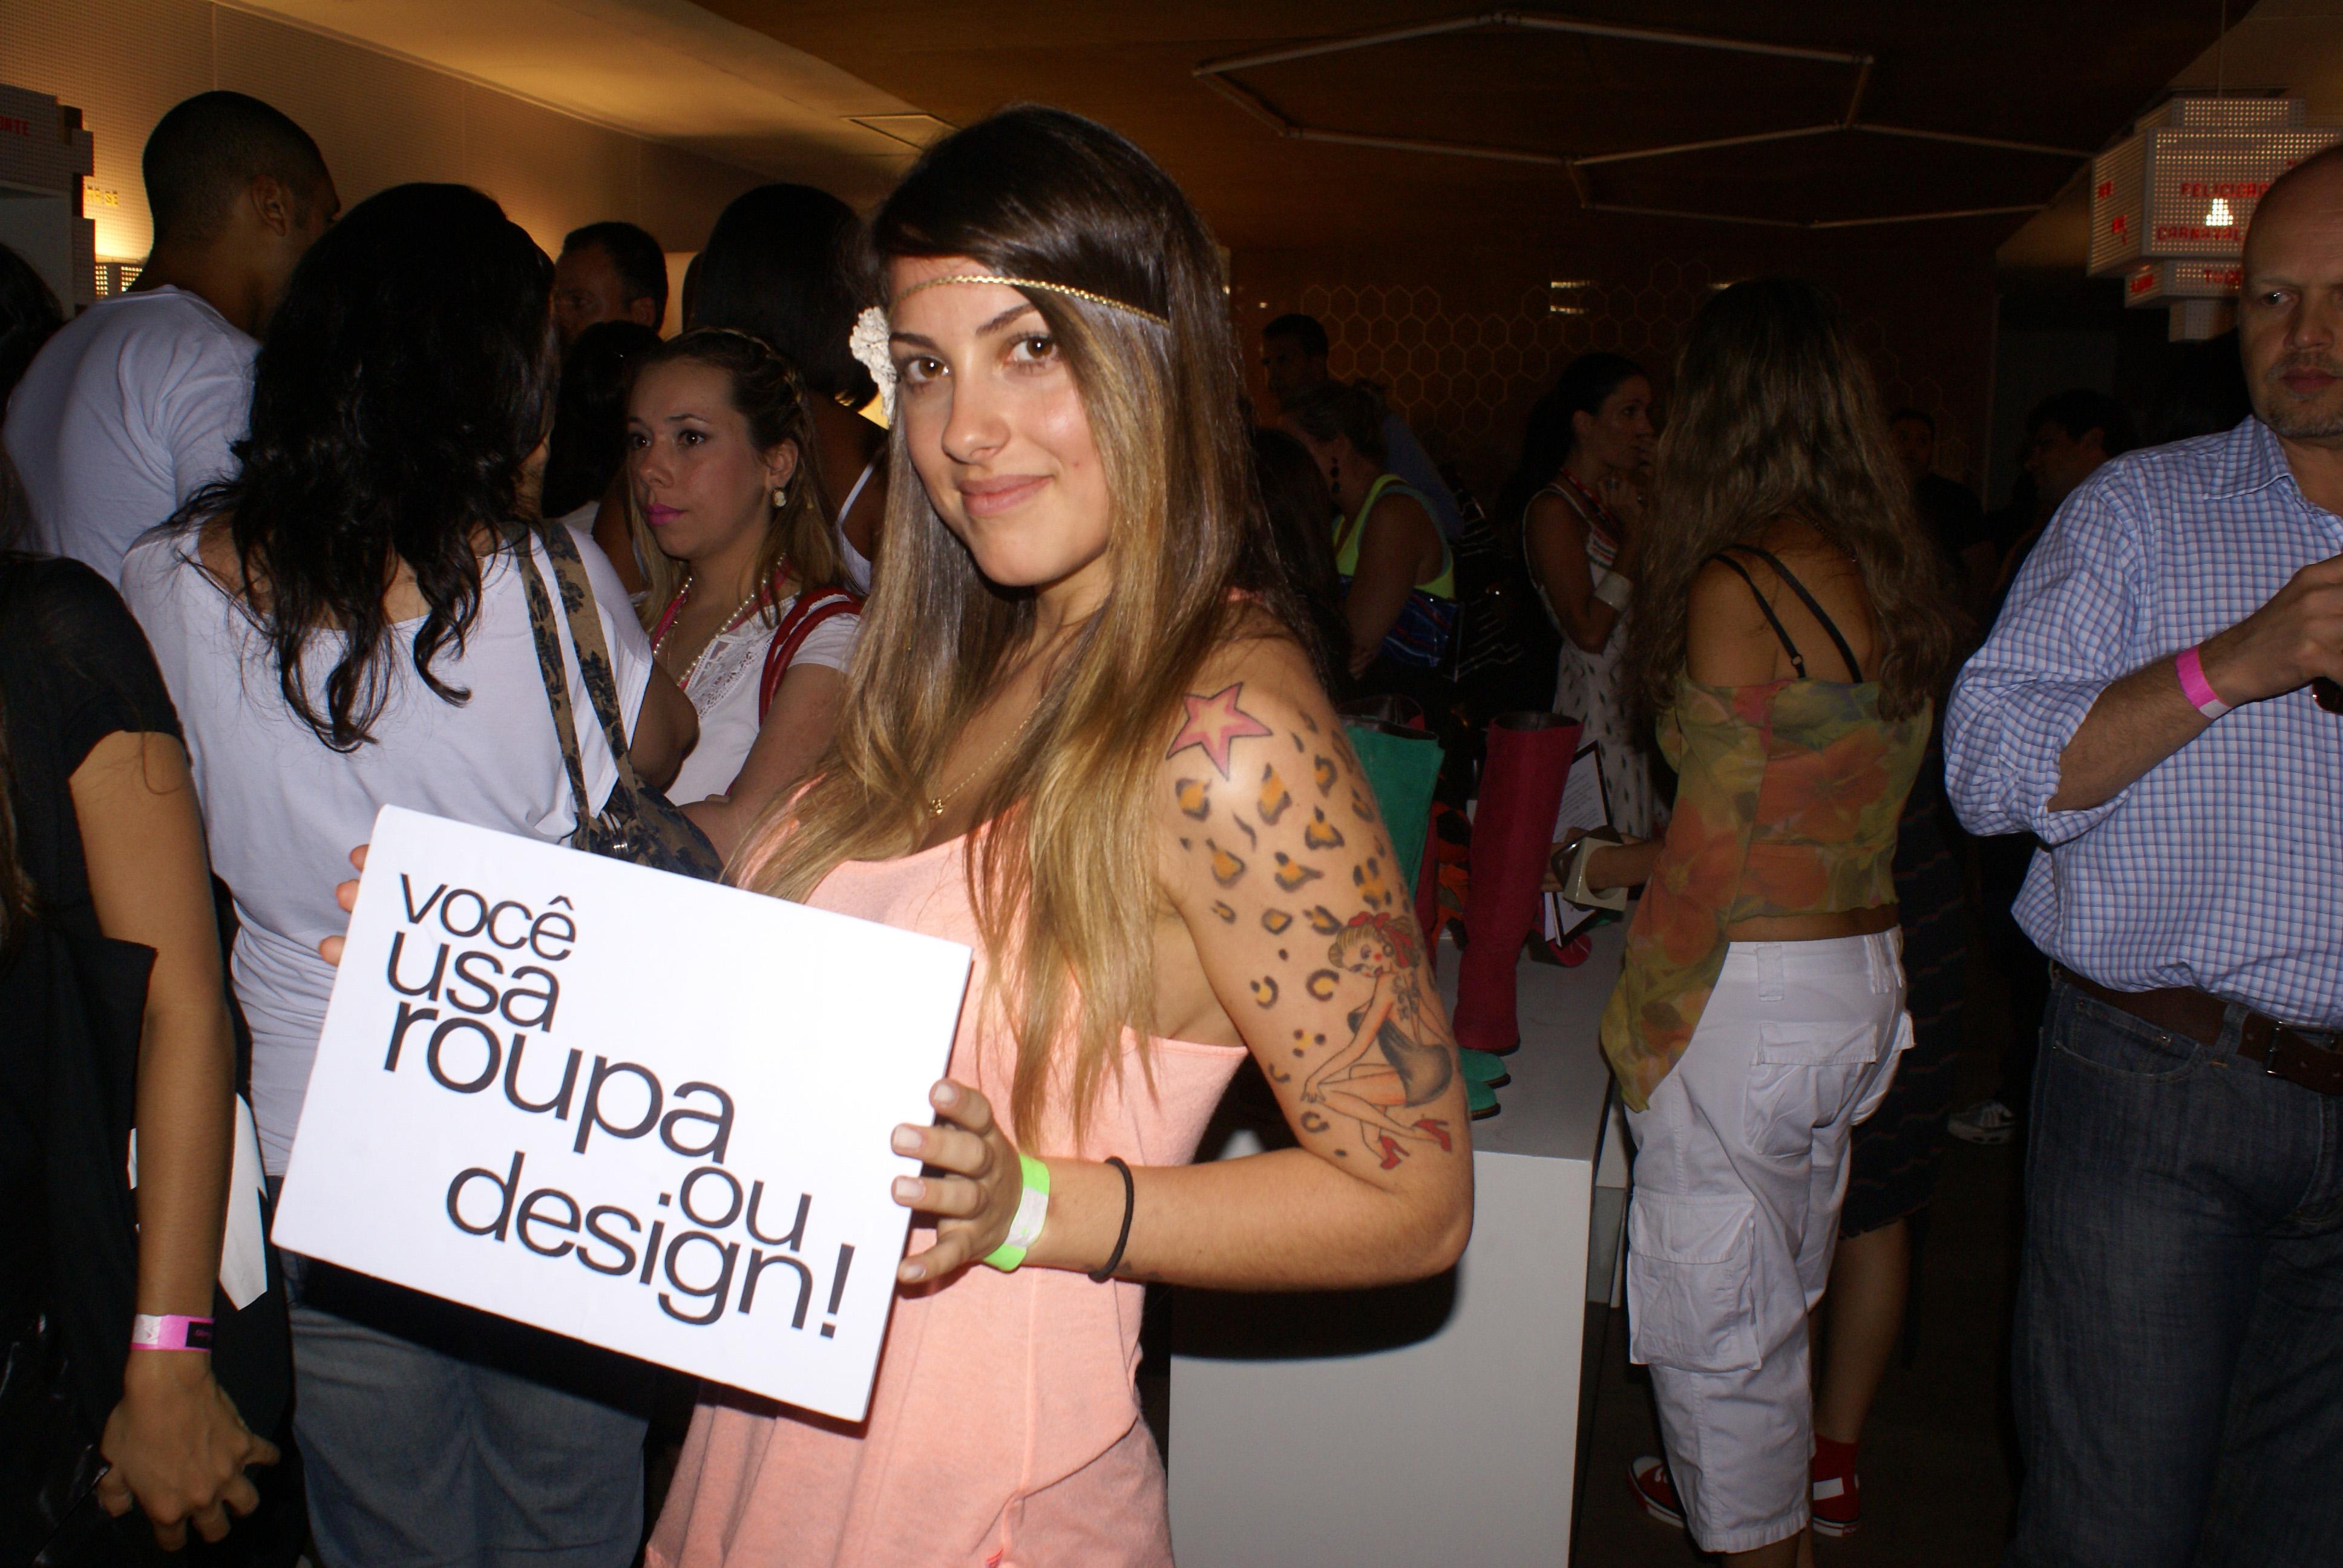 Você usa roupa ou design!?!